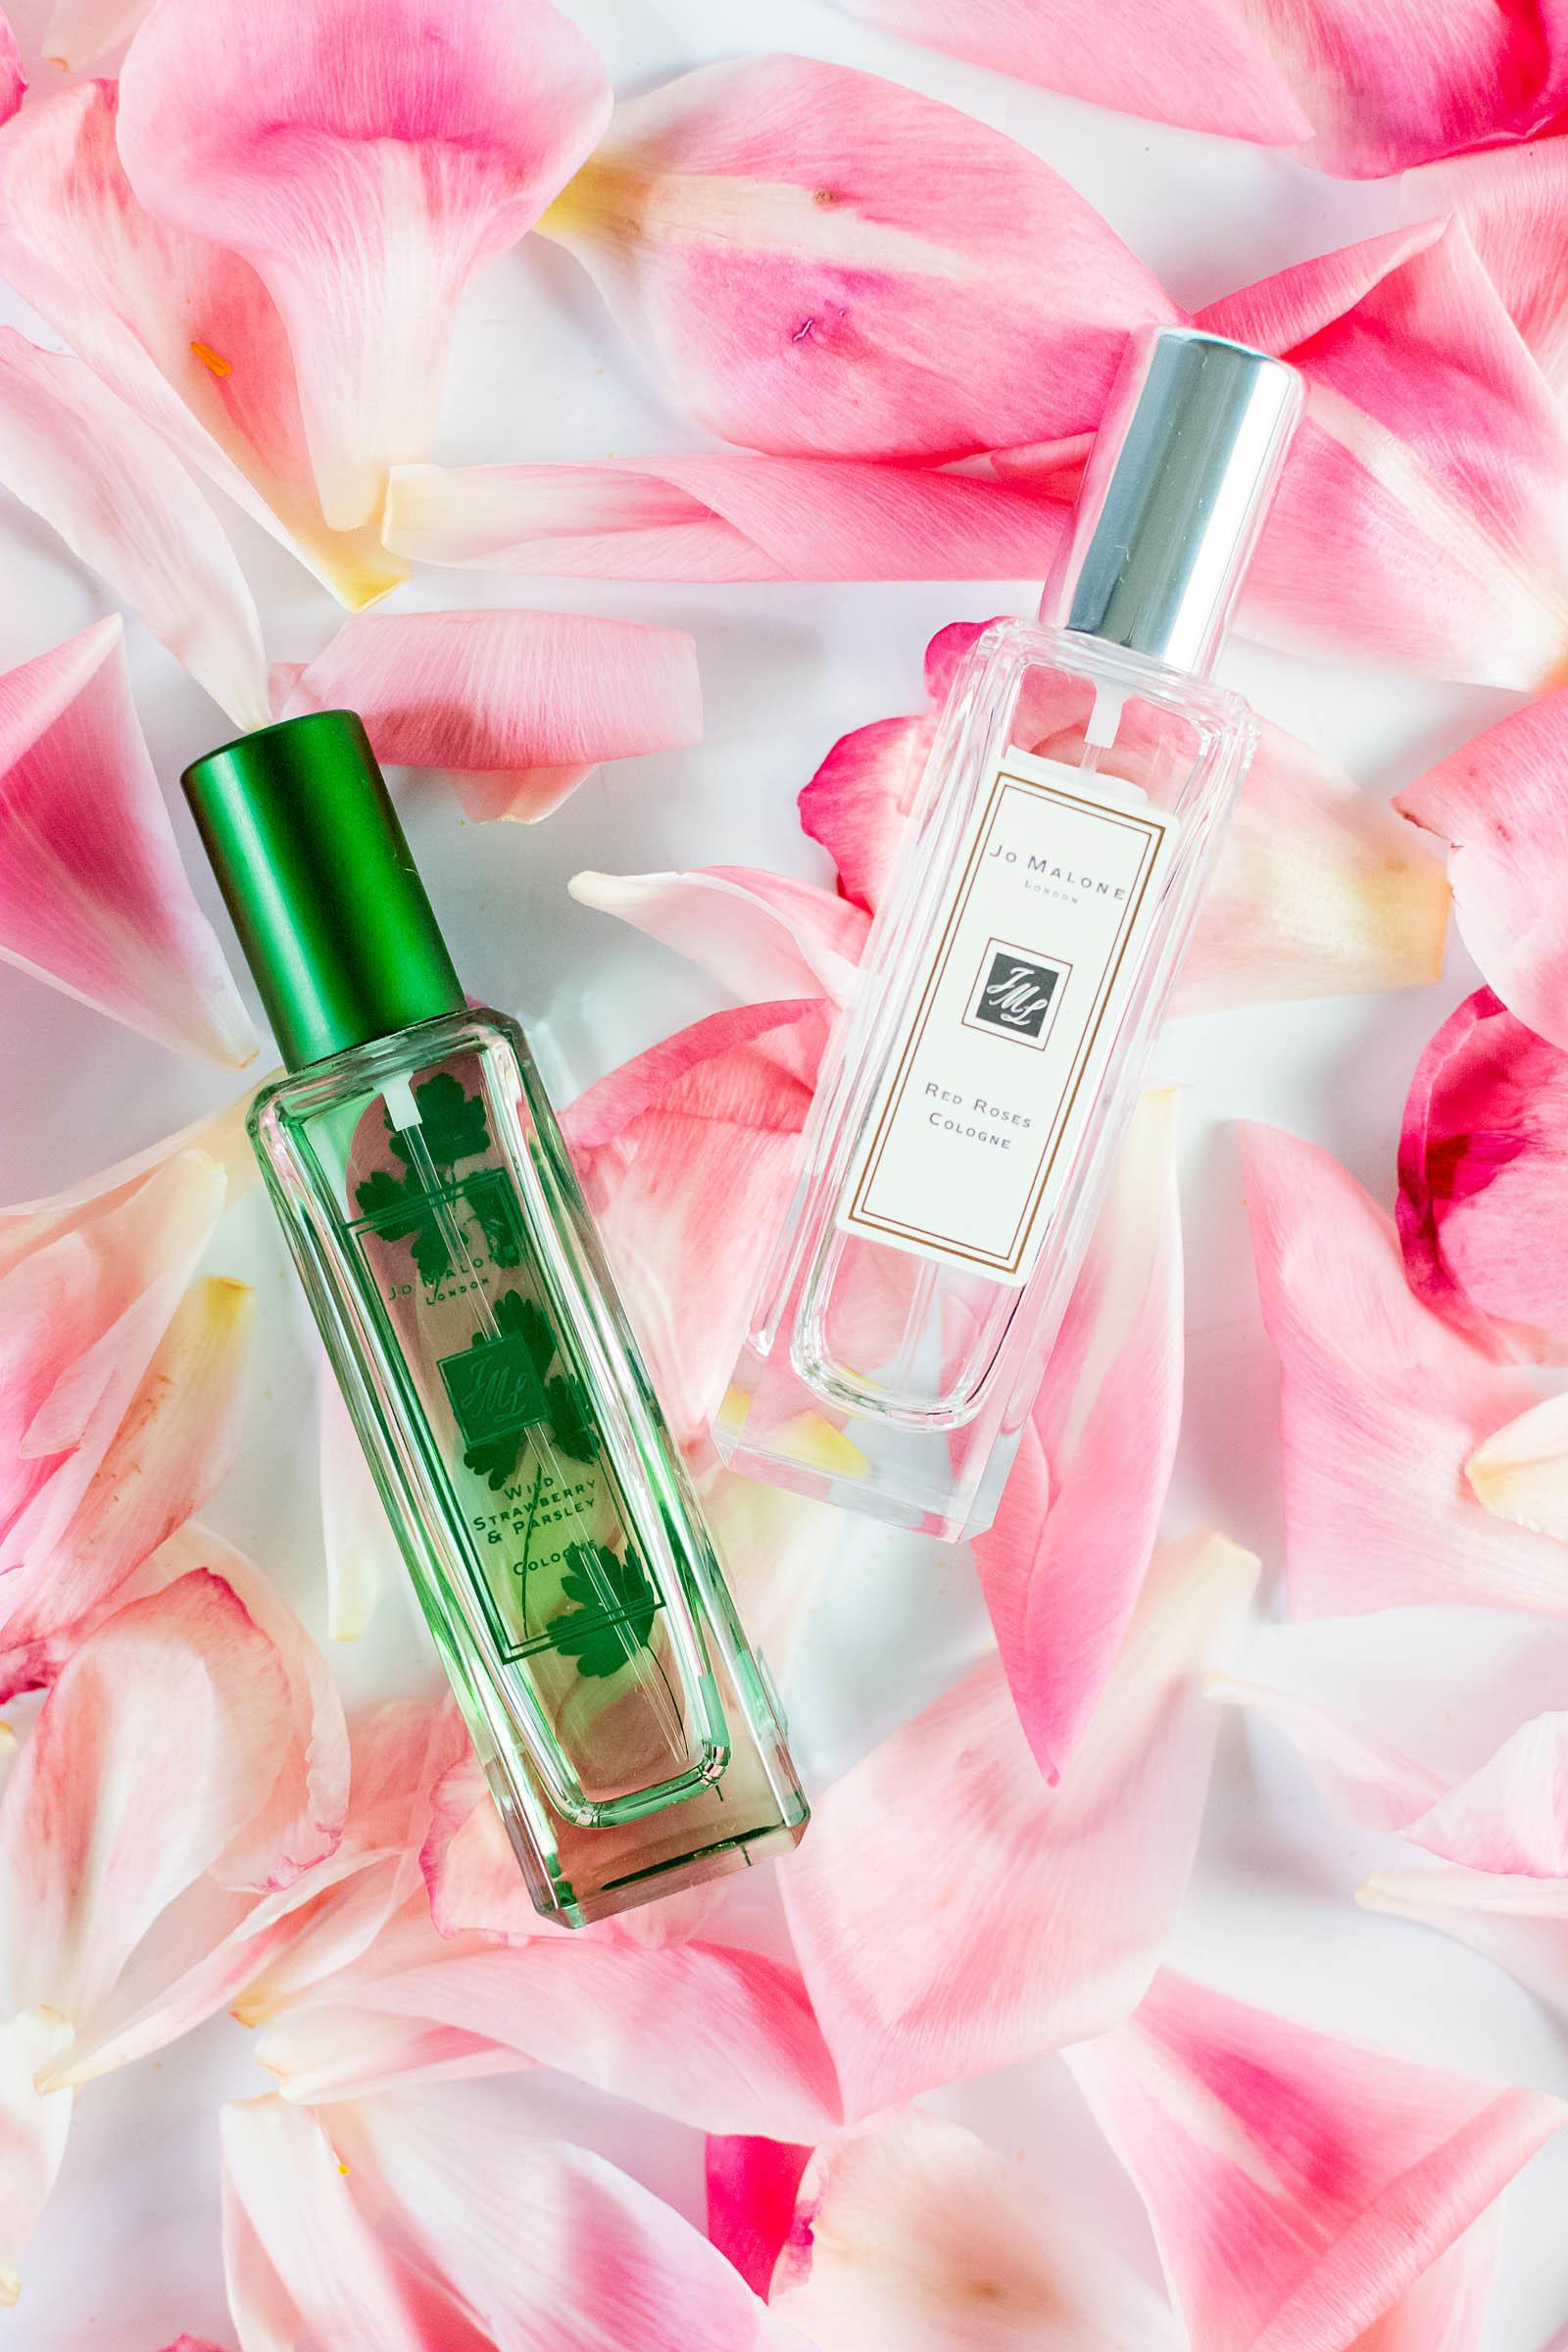 Jo Malone Cologne Fragrance Combinations